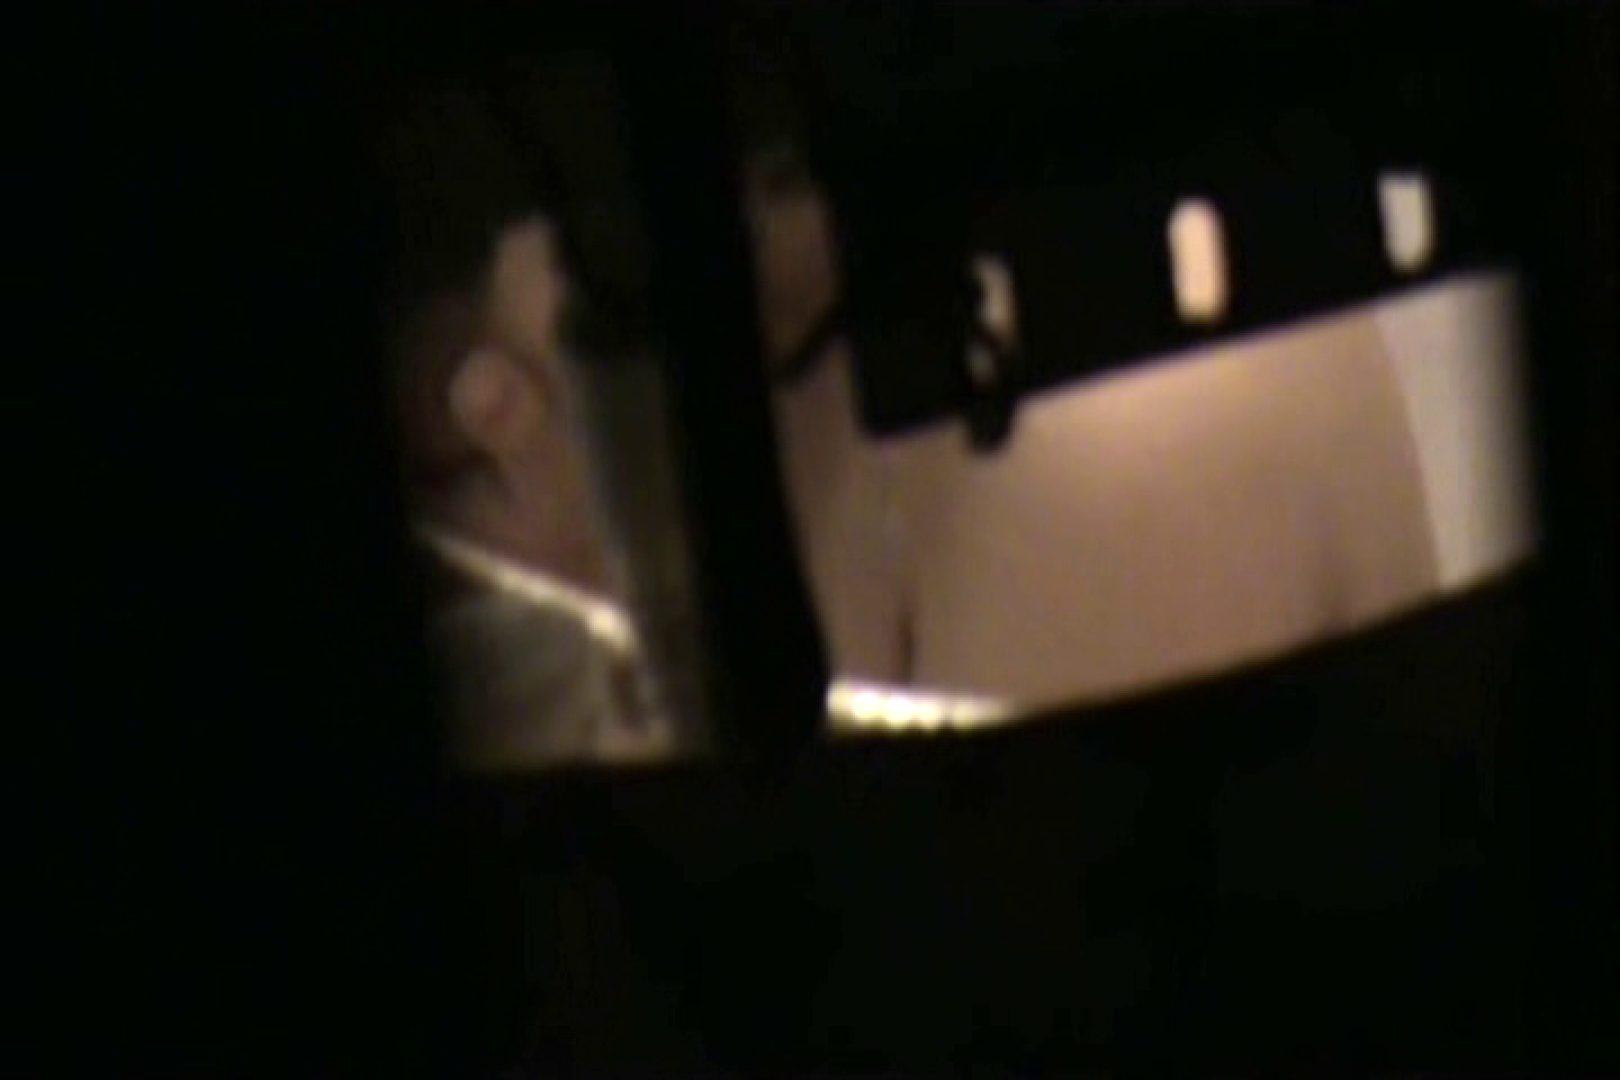 ぼっとん洗面所スペシャルVol.3 盗撮 覗きおまんこ画像 92pic 9